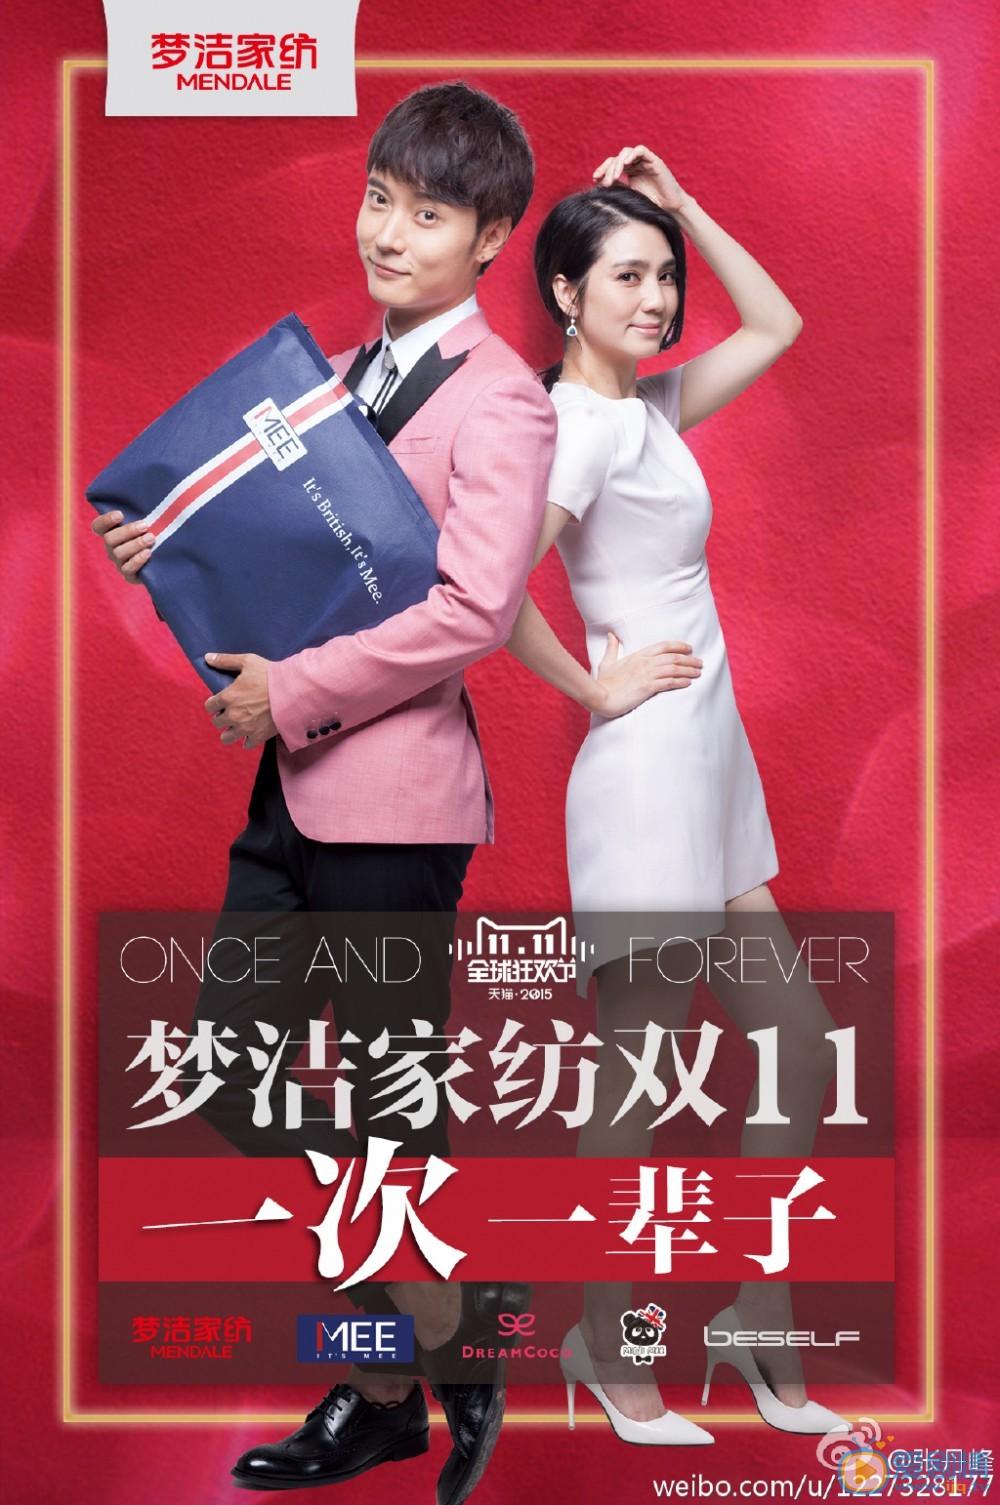 张丹峰和老婆洪欣合照 张丹峰高清写真_张丹峰高清剧照